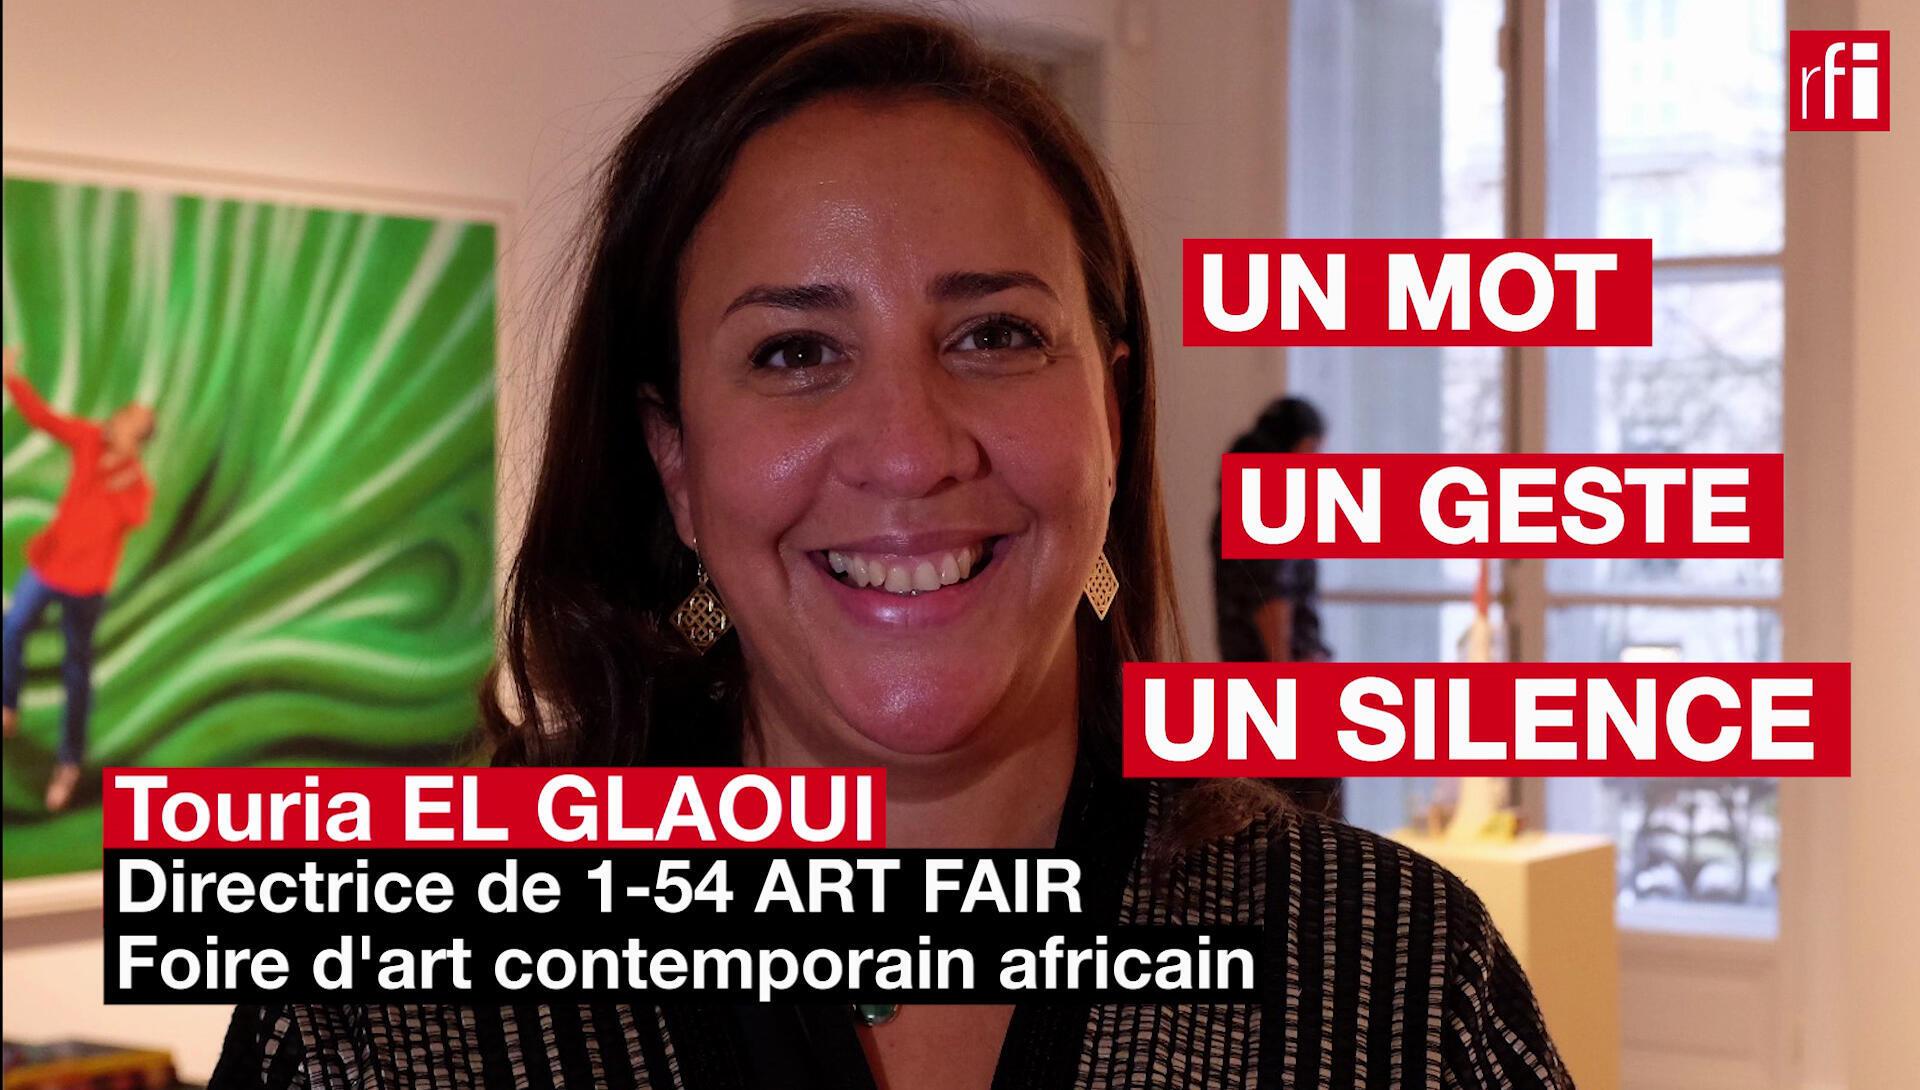 Touria El Glaoui, fondatriceet directricede la foire internationale d'art contemporain africain 1-54(uncontinent, cinquante-quatre pays).